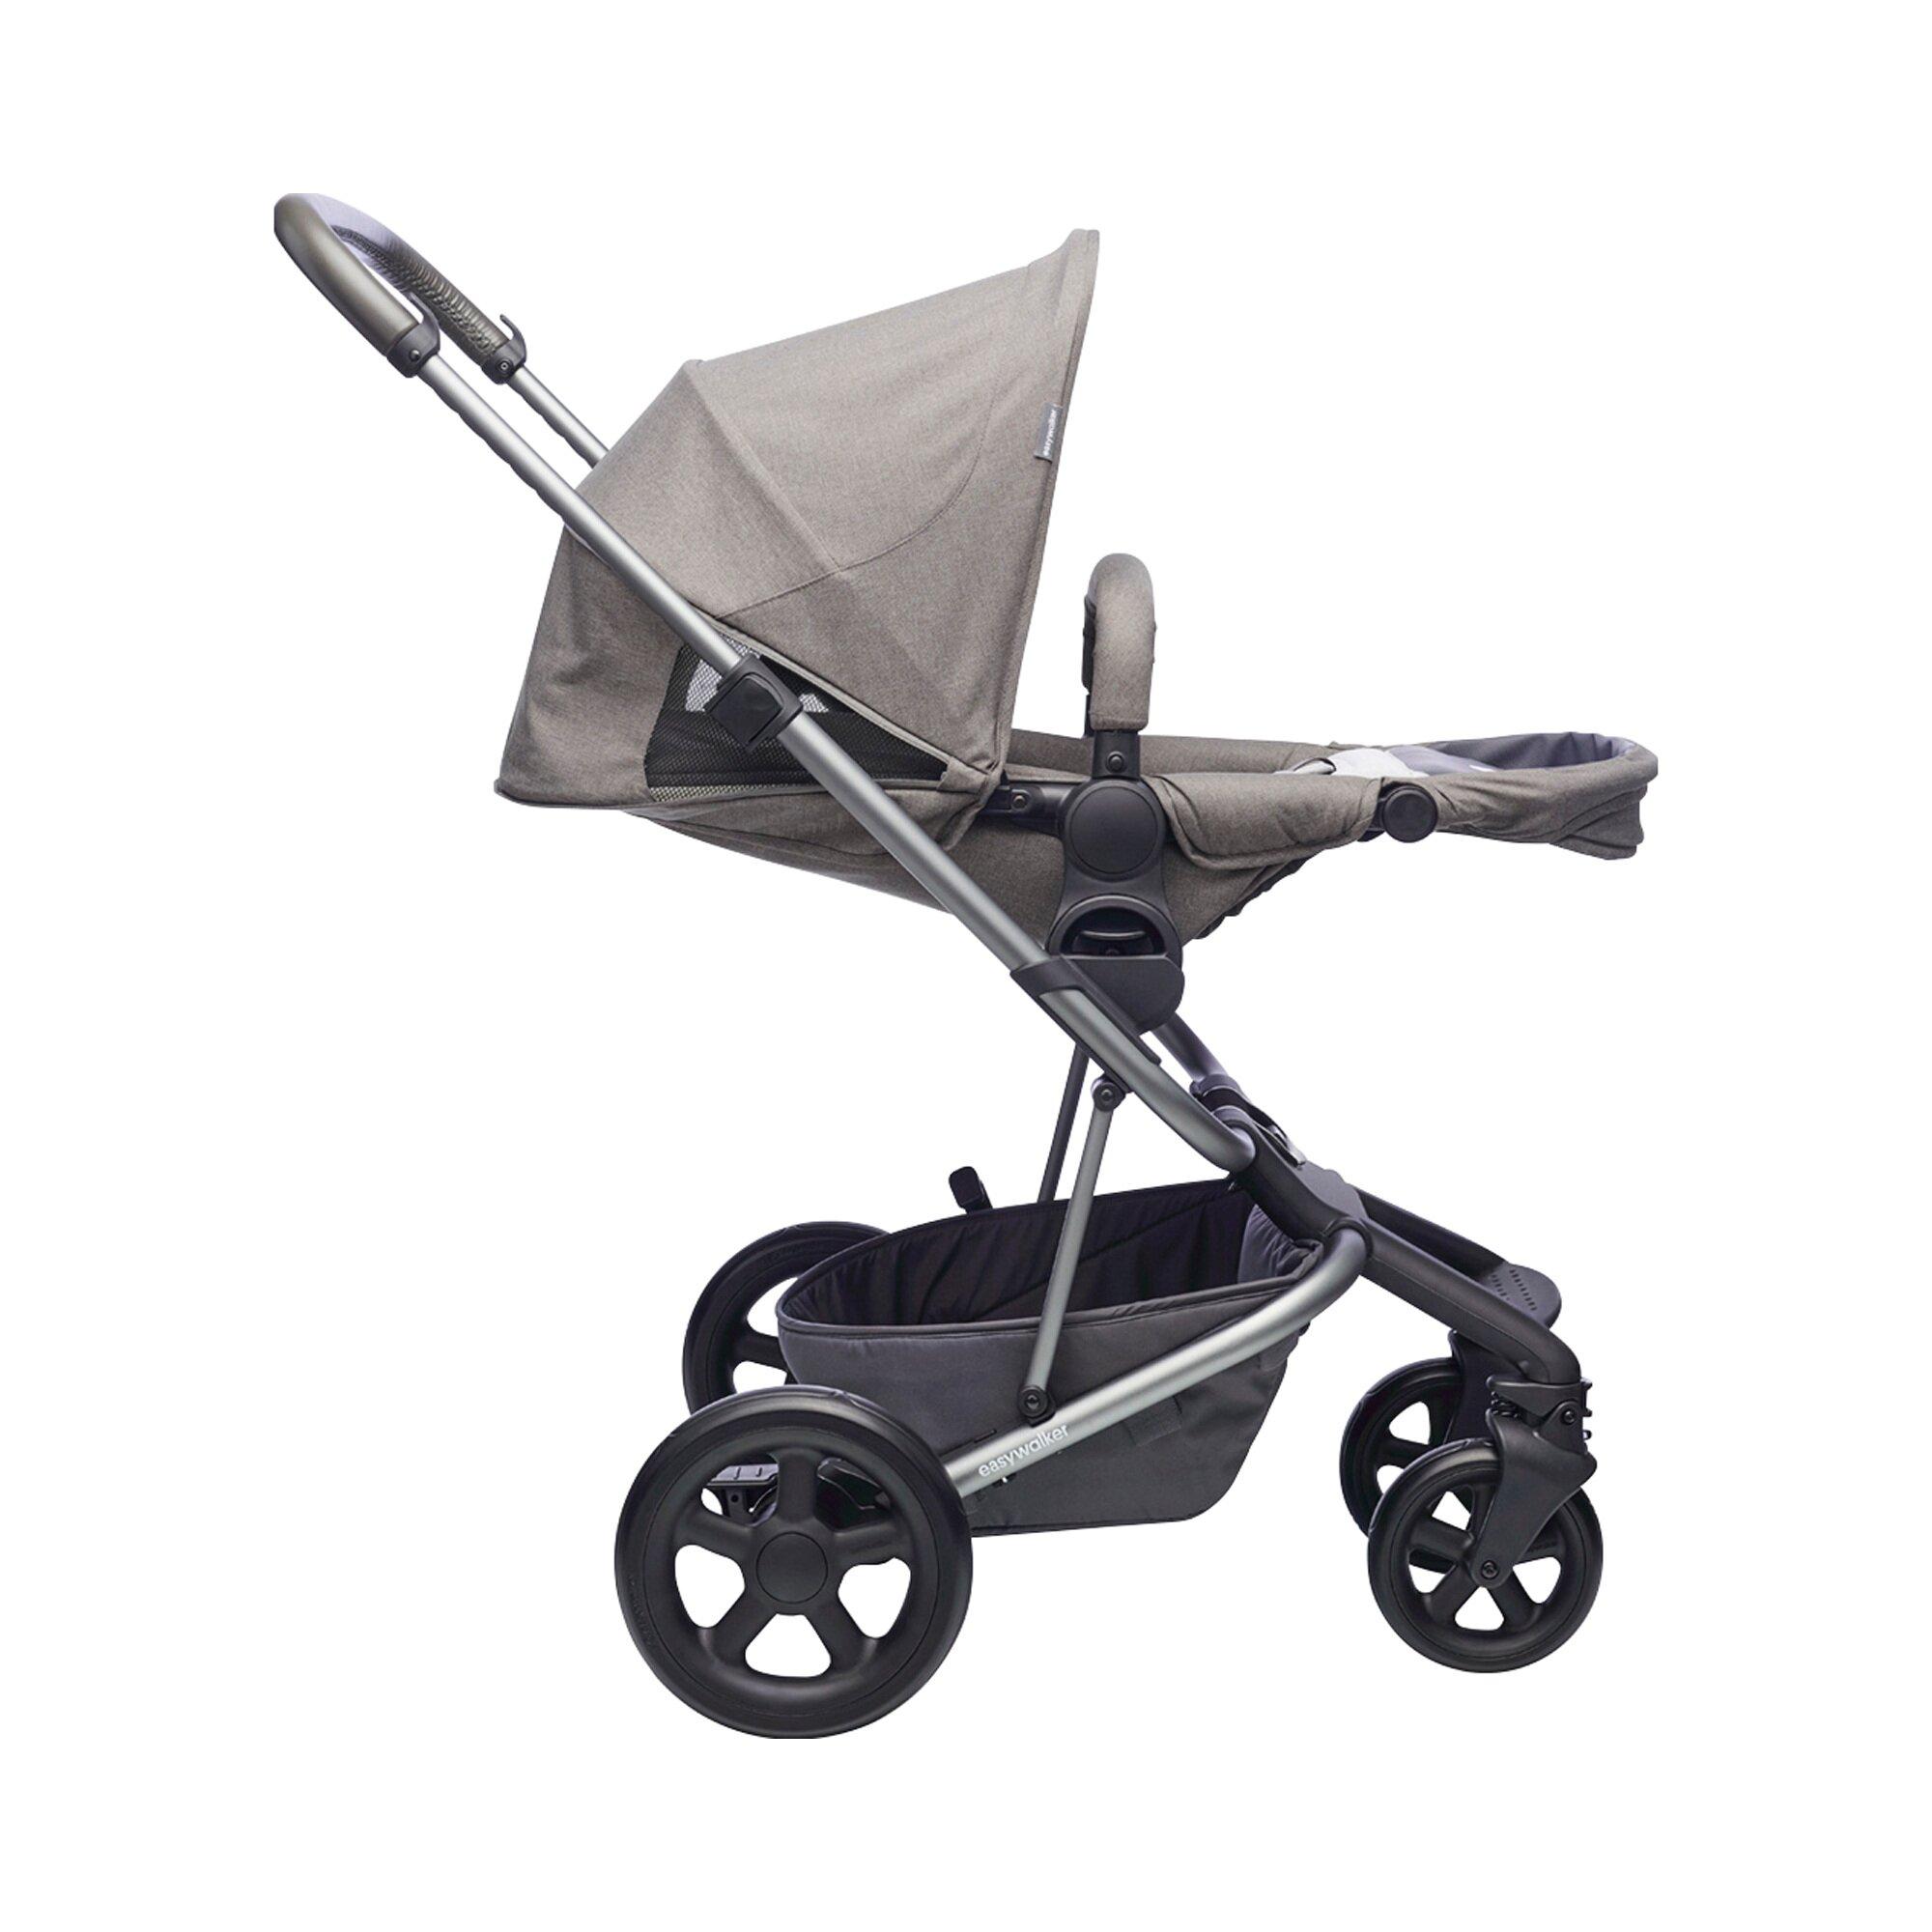 easywalker-harvey-kinderwagen-design-2017-grau, 649.99 EUR @ babywalz-de